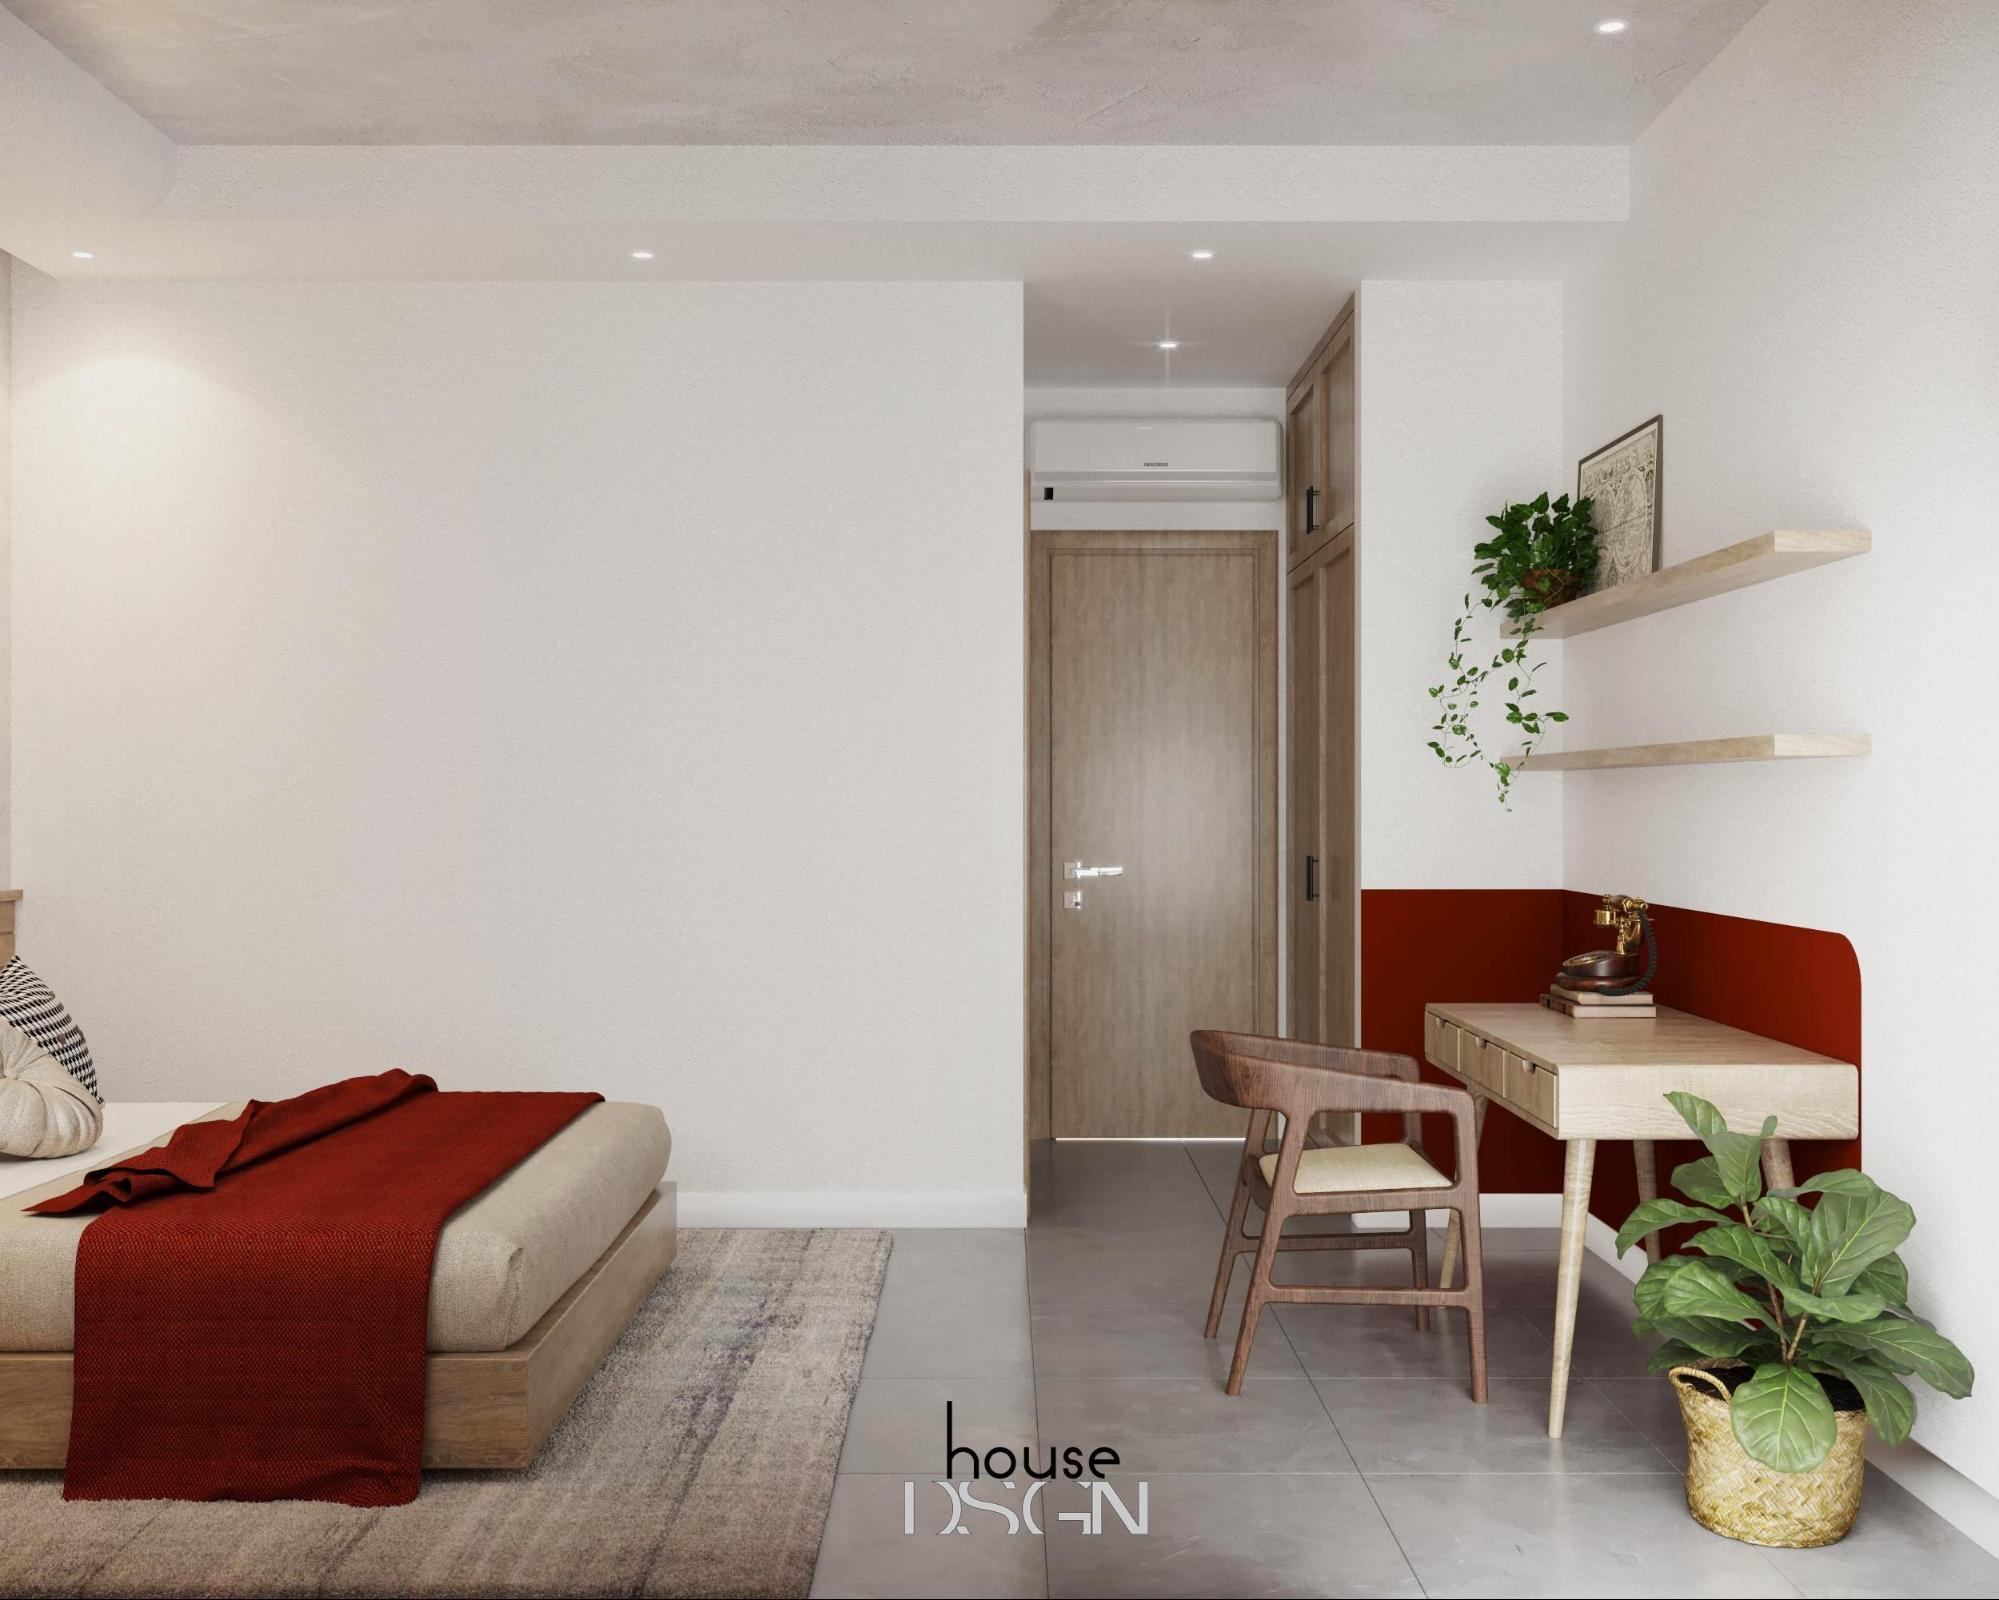 thi công nội thất khách sạn 4 sao - Housedesign